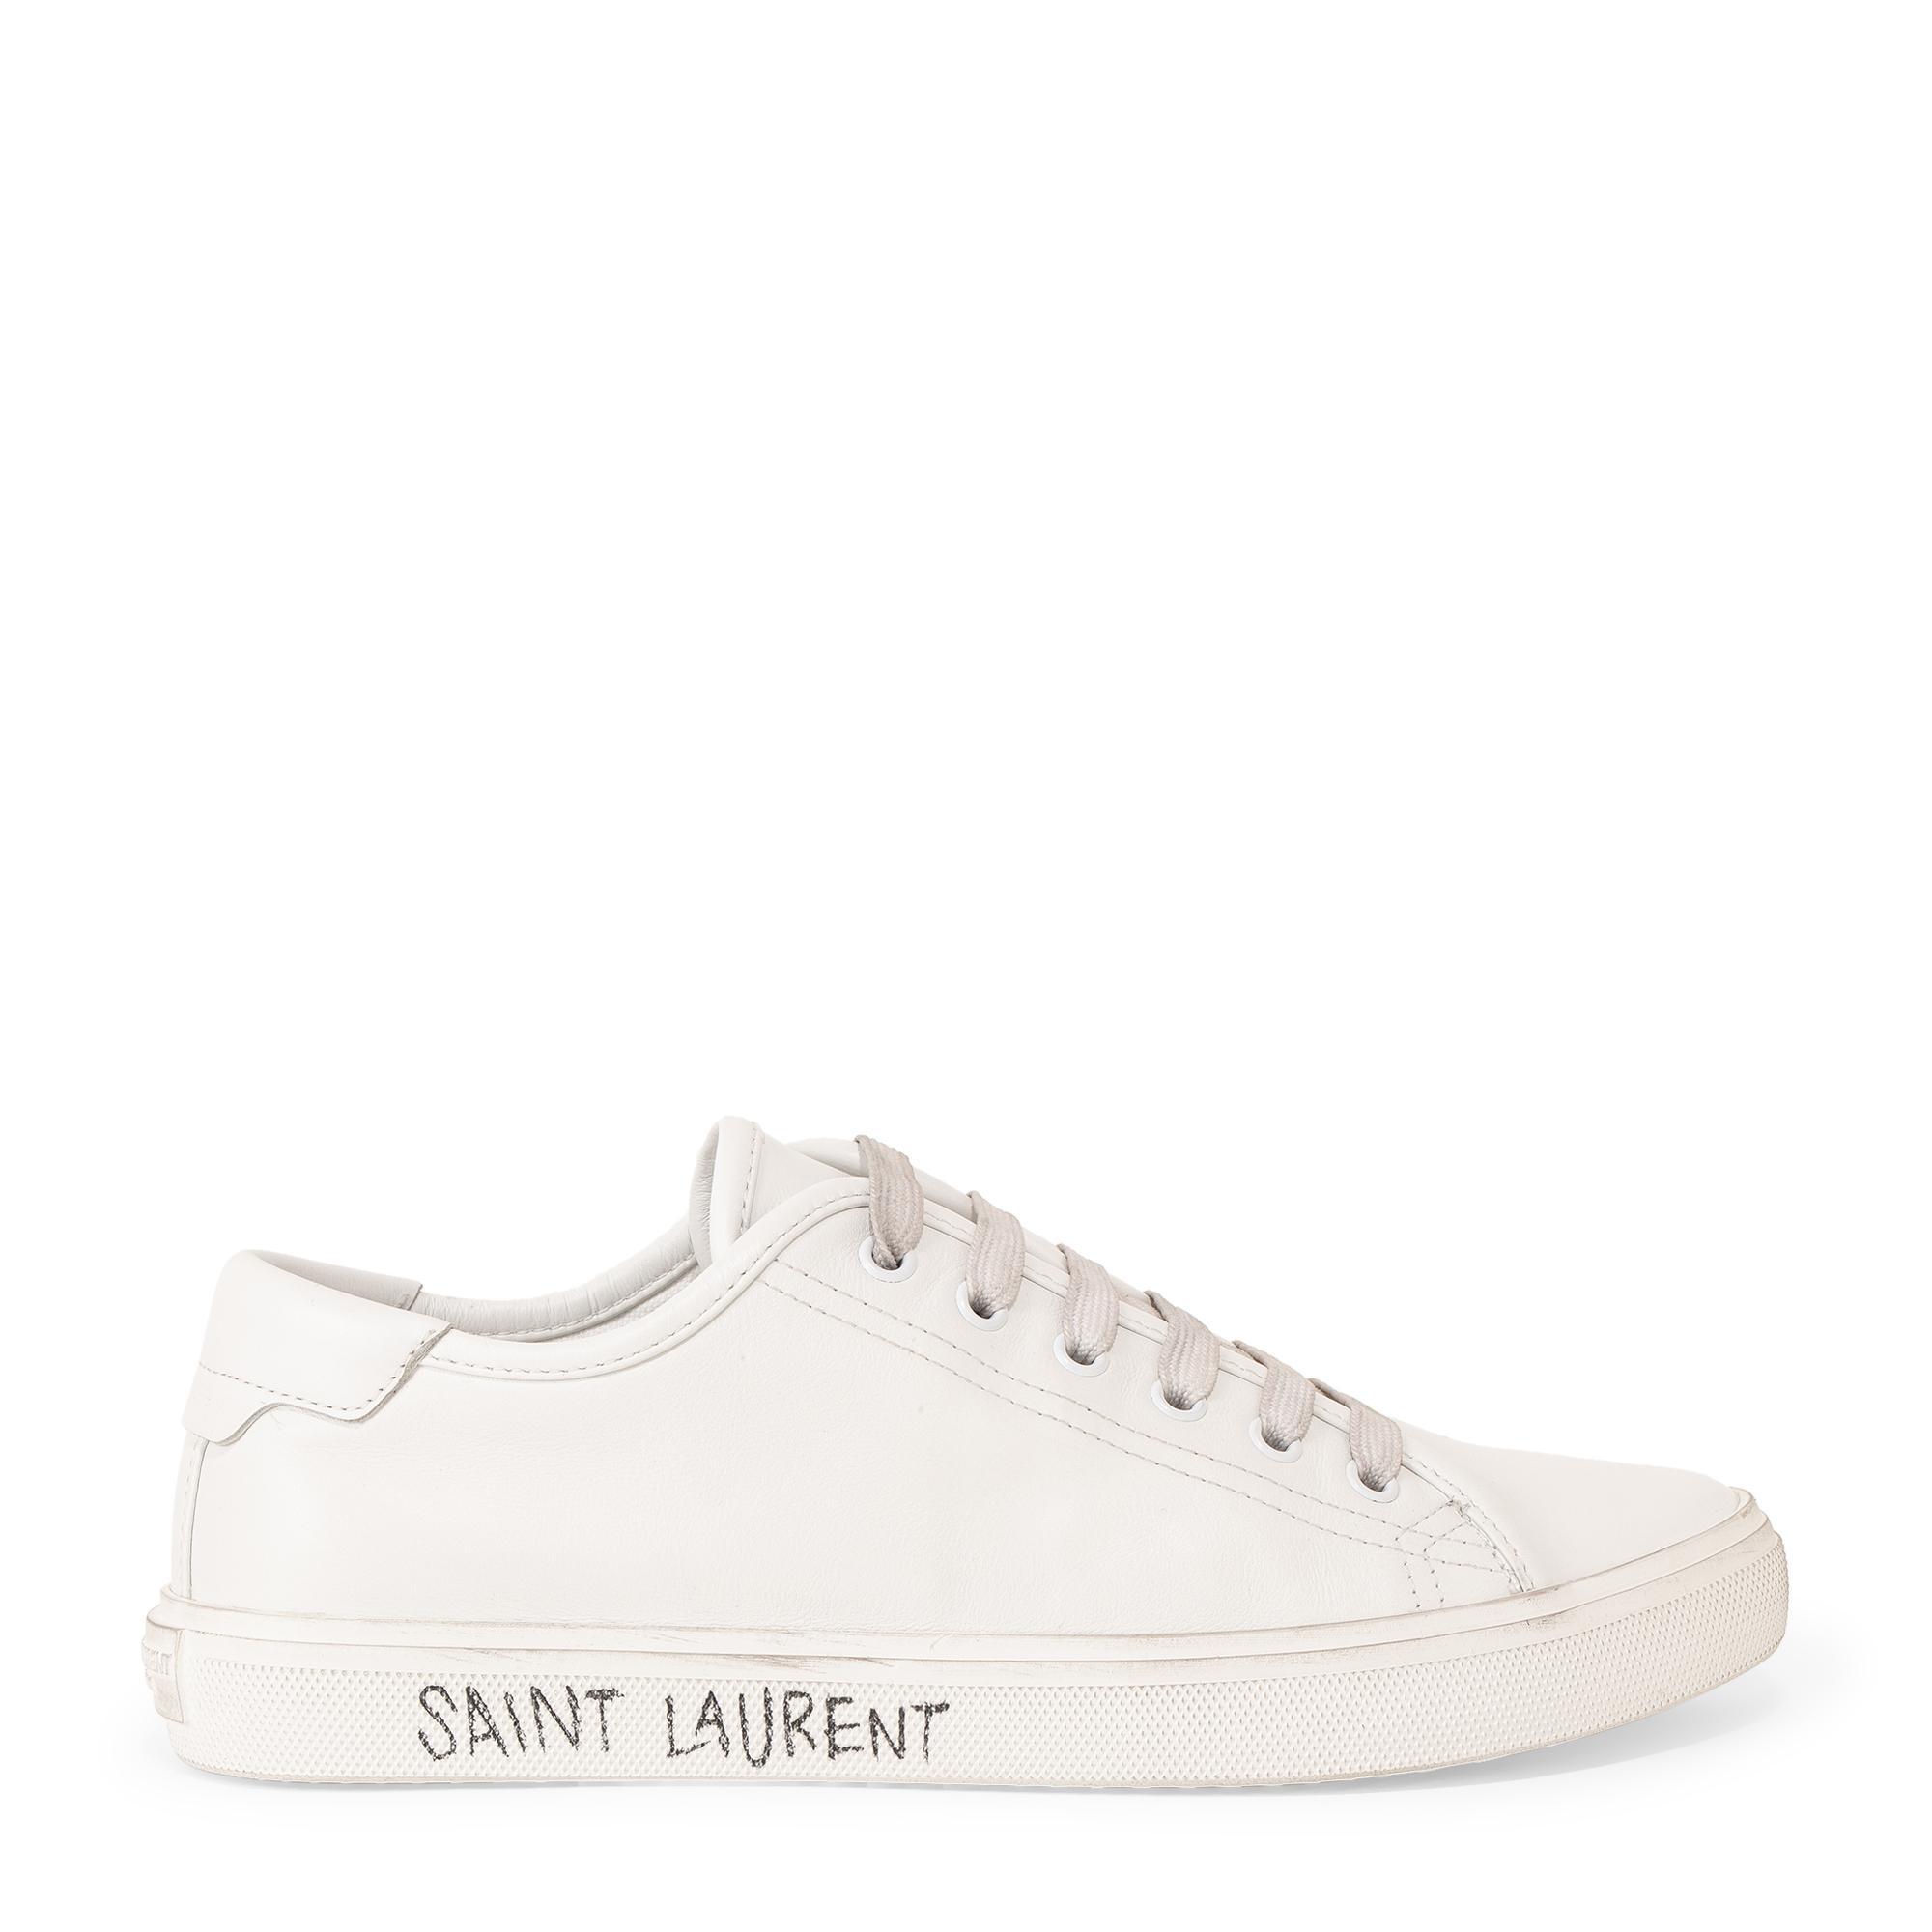 Malibu sneakers